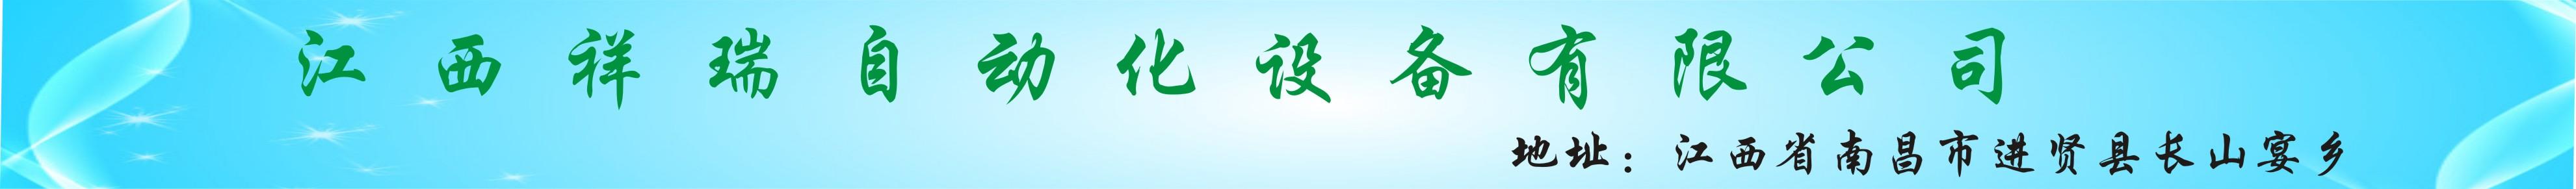 江西祥瑞自动化设备有限公司